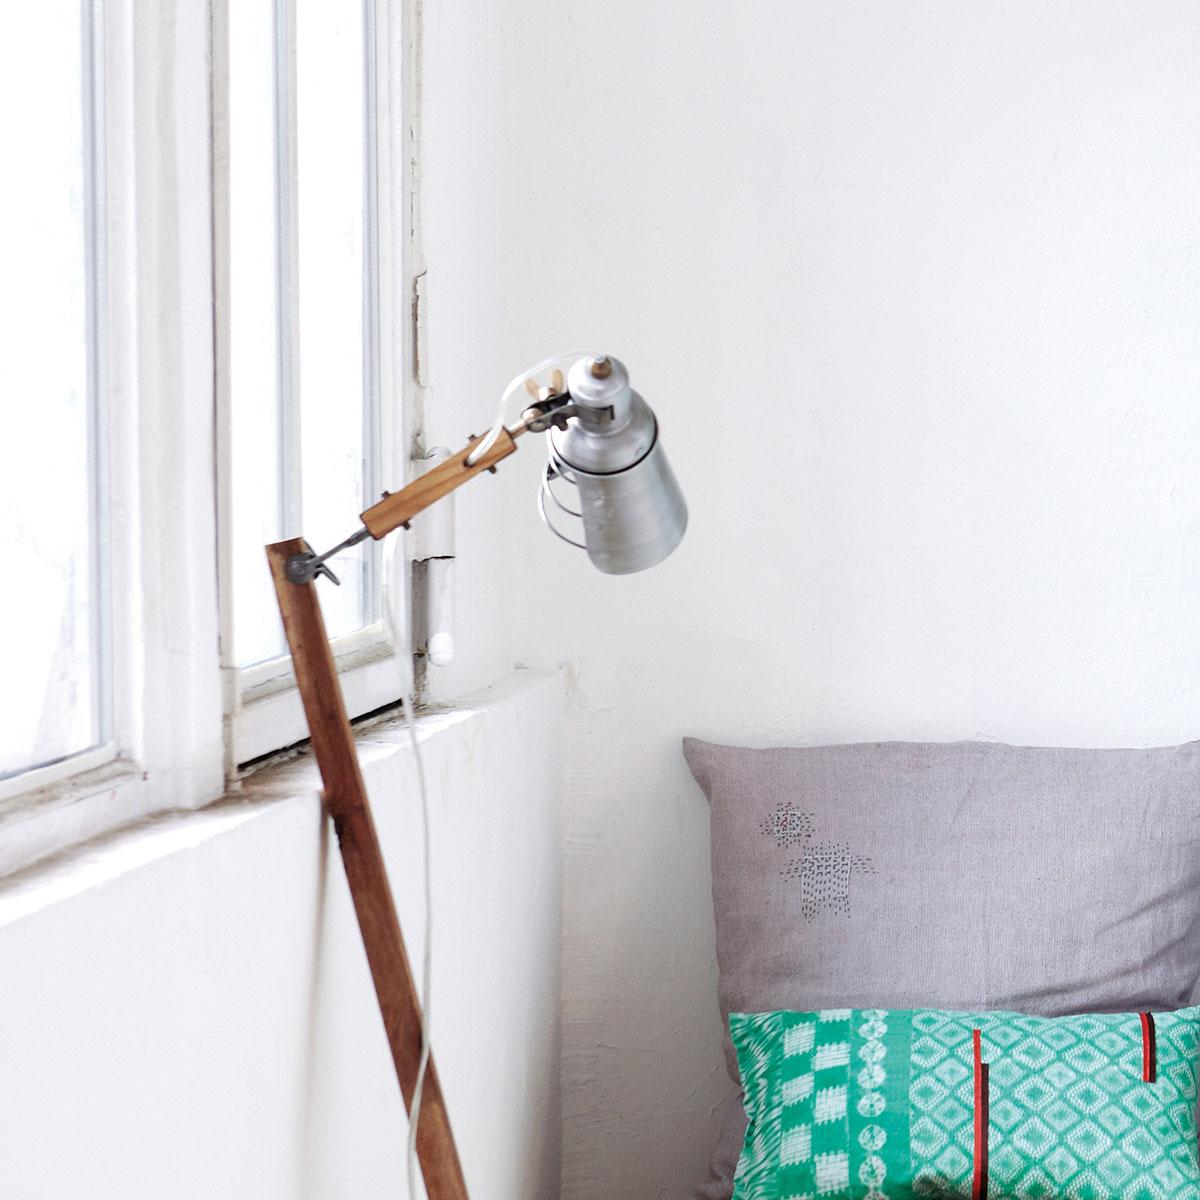 lampe basic house doctor v glamper thomsons. Black Bedroom Furniture Sets. Home Design Ideas